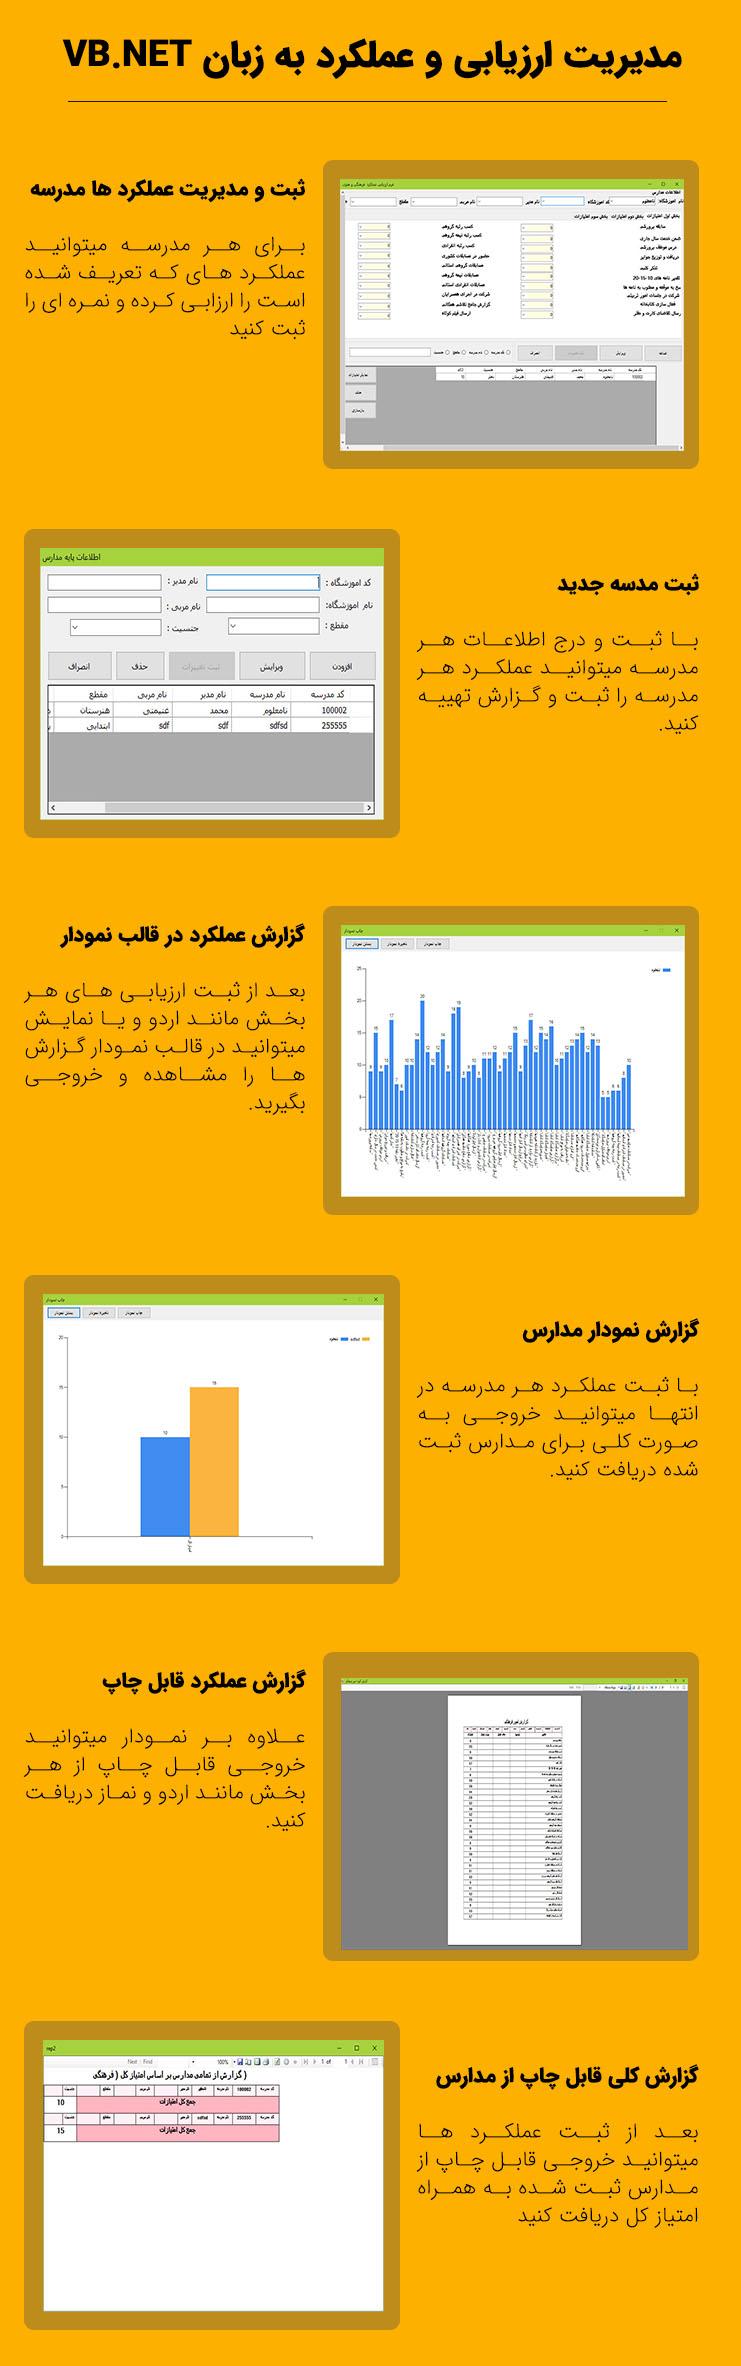 مدیریت ارزیابی و عملکرد